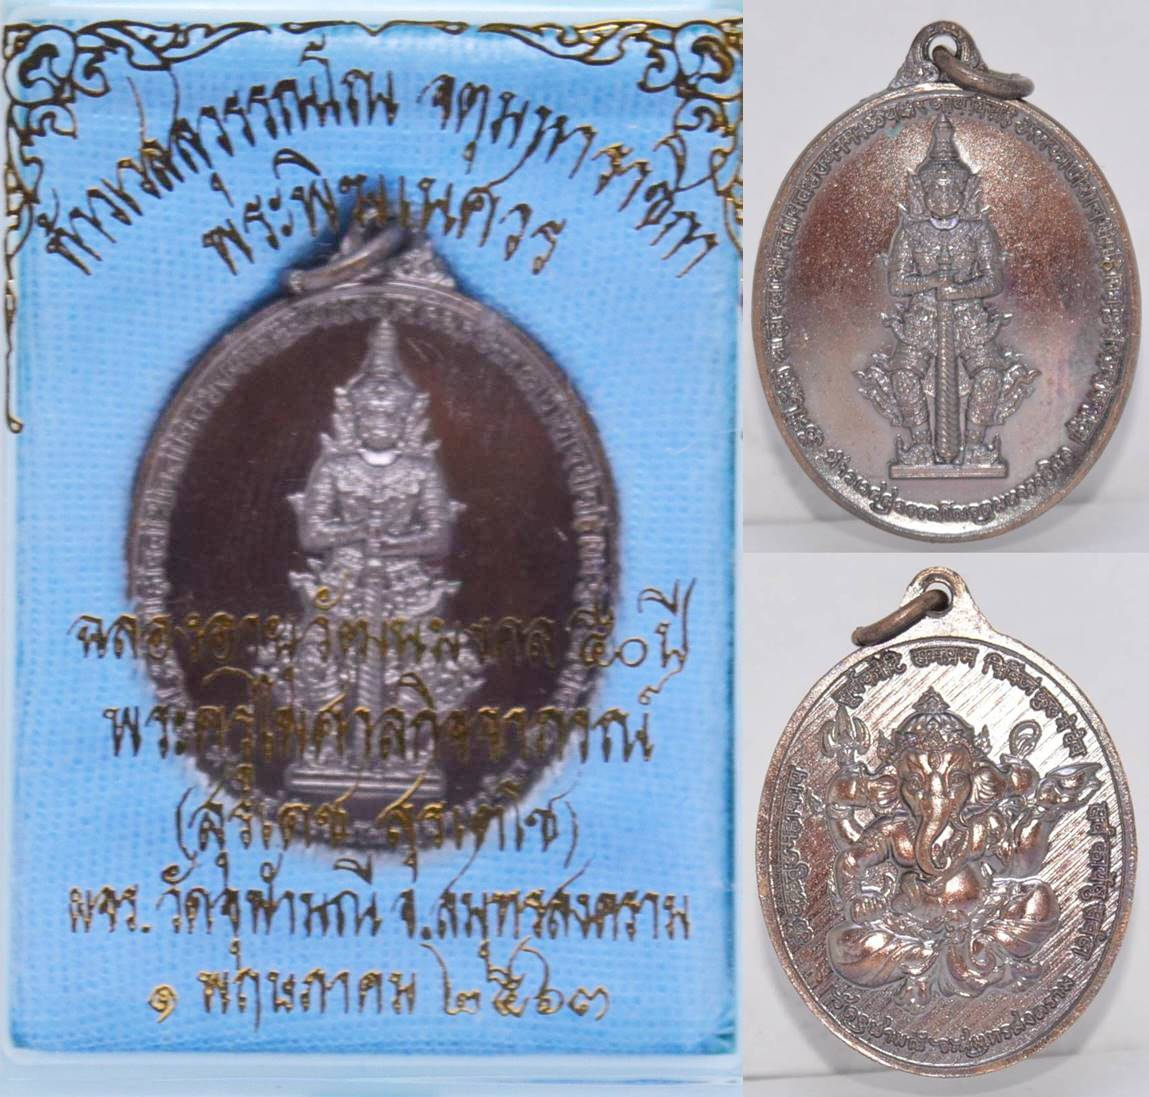 เหรียญท้าวเวสสุวรรณโณ จตุมหาราชิกา พระพิฆเนศ เนื้อชนวน หลวงพ่ออิฏฐ์ วัดจุฬามณี 2563